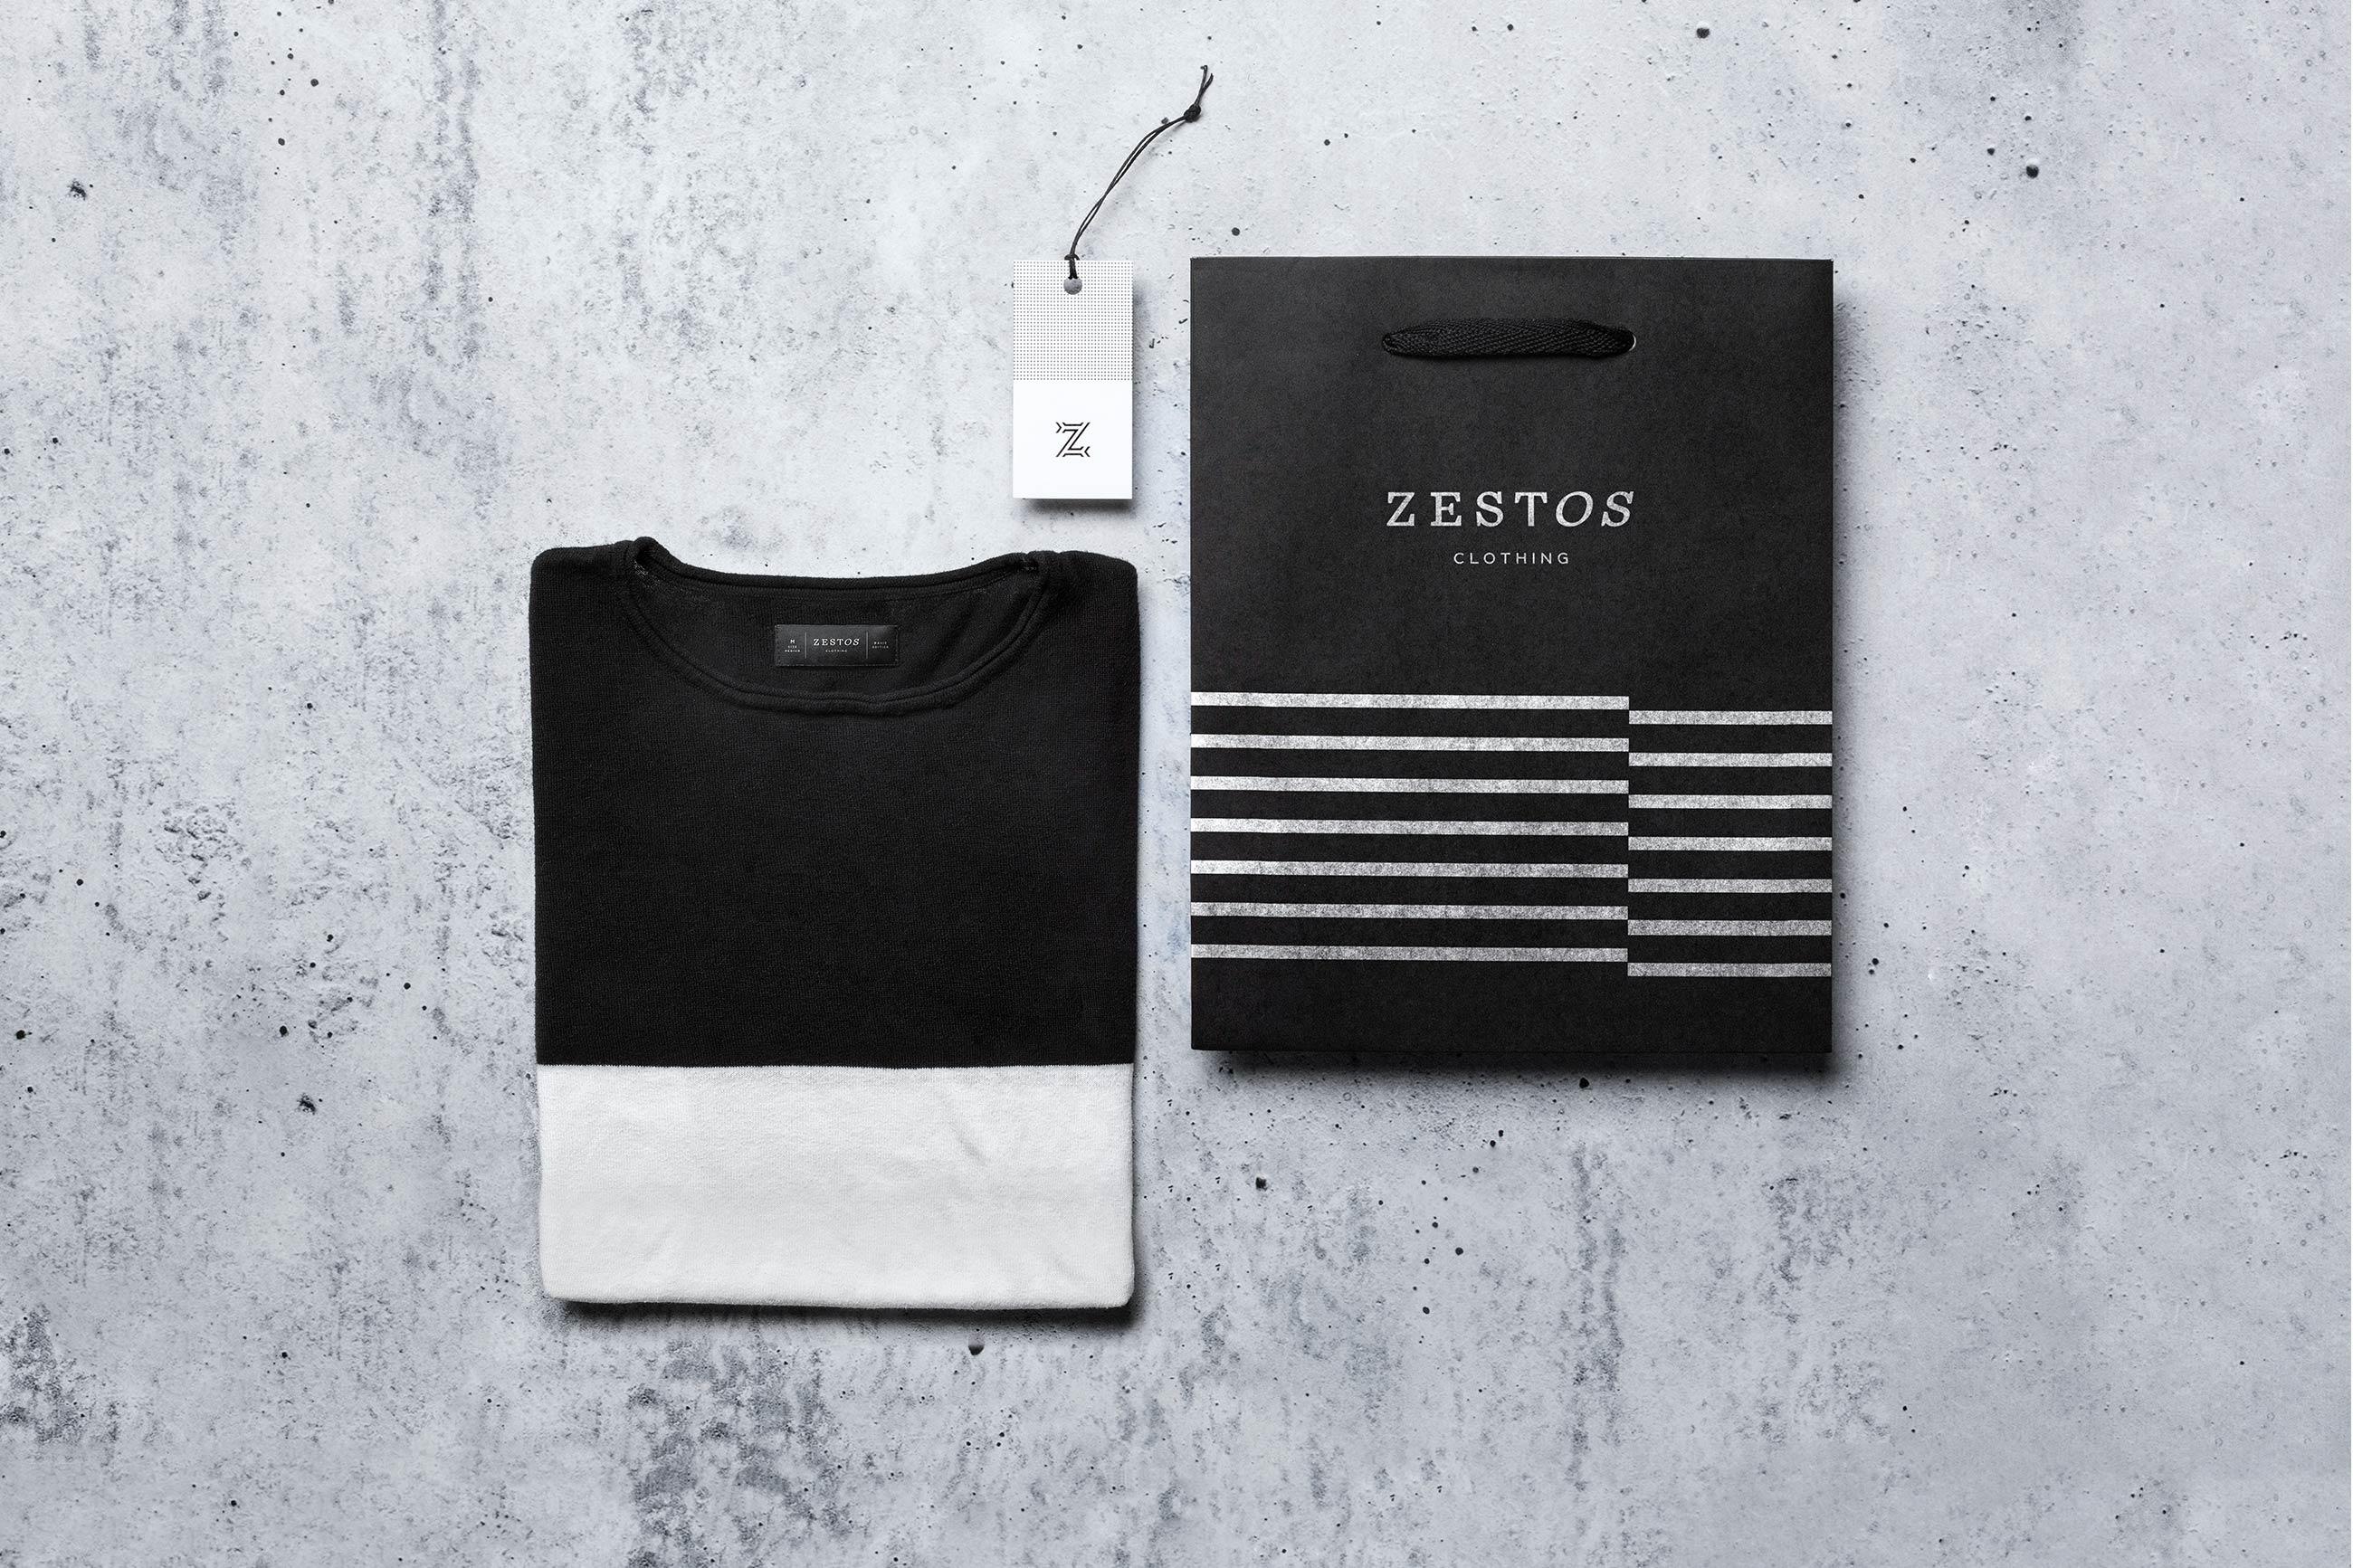 Zestos_SocialMosaic-T-shirt-Bag